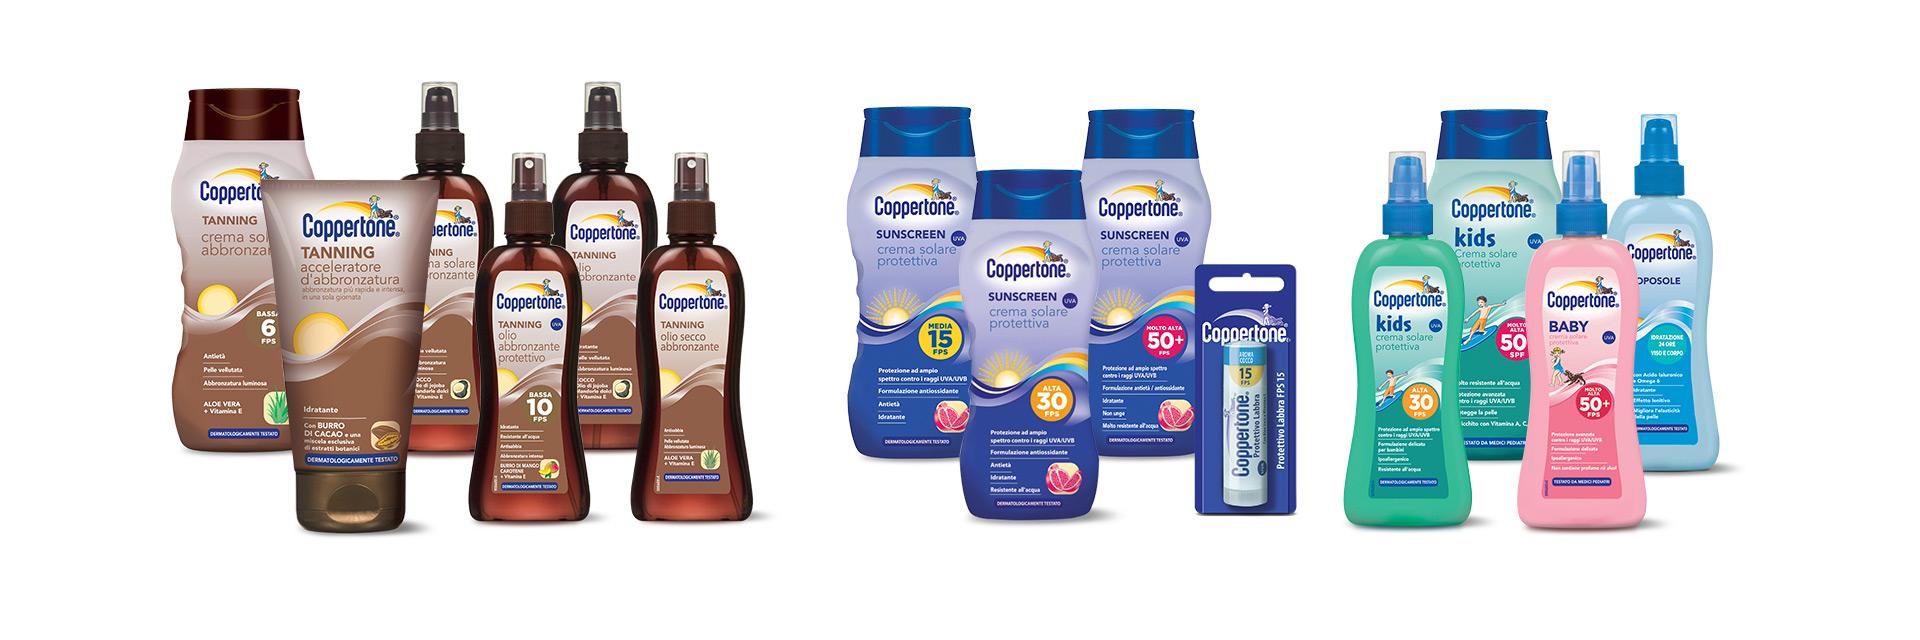 Coppertone la linea dei prodotti